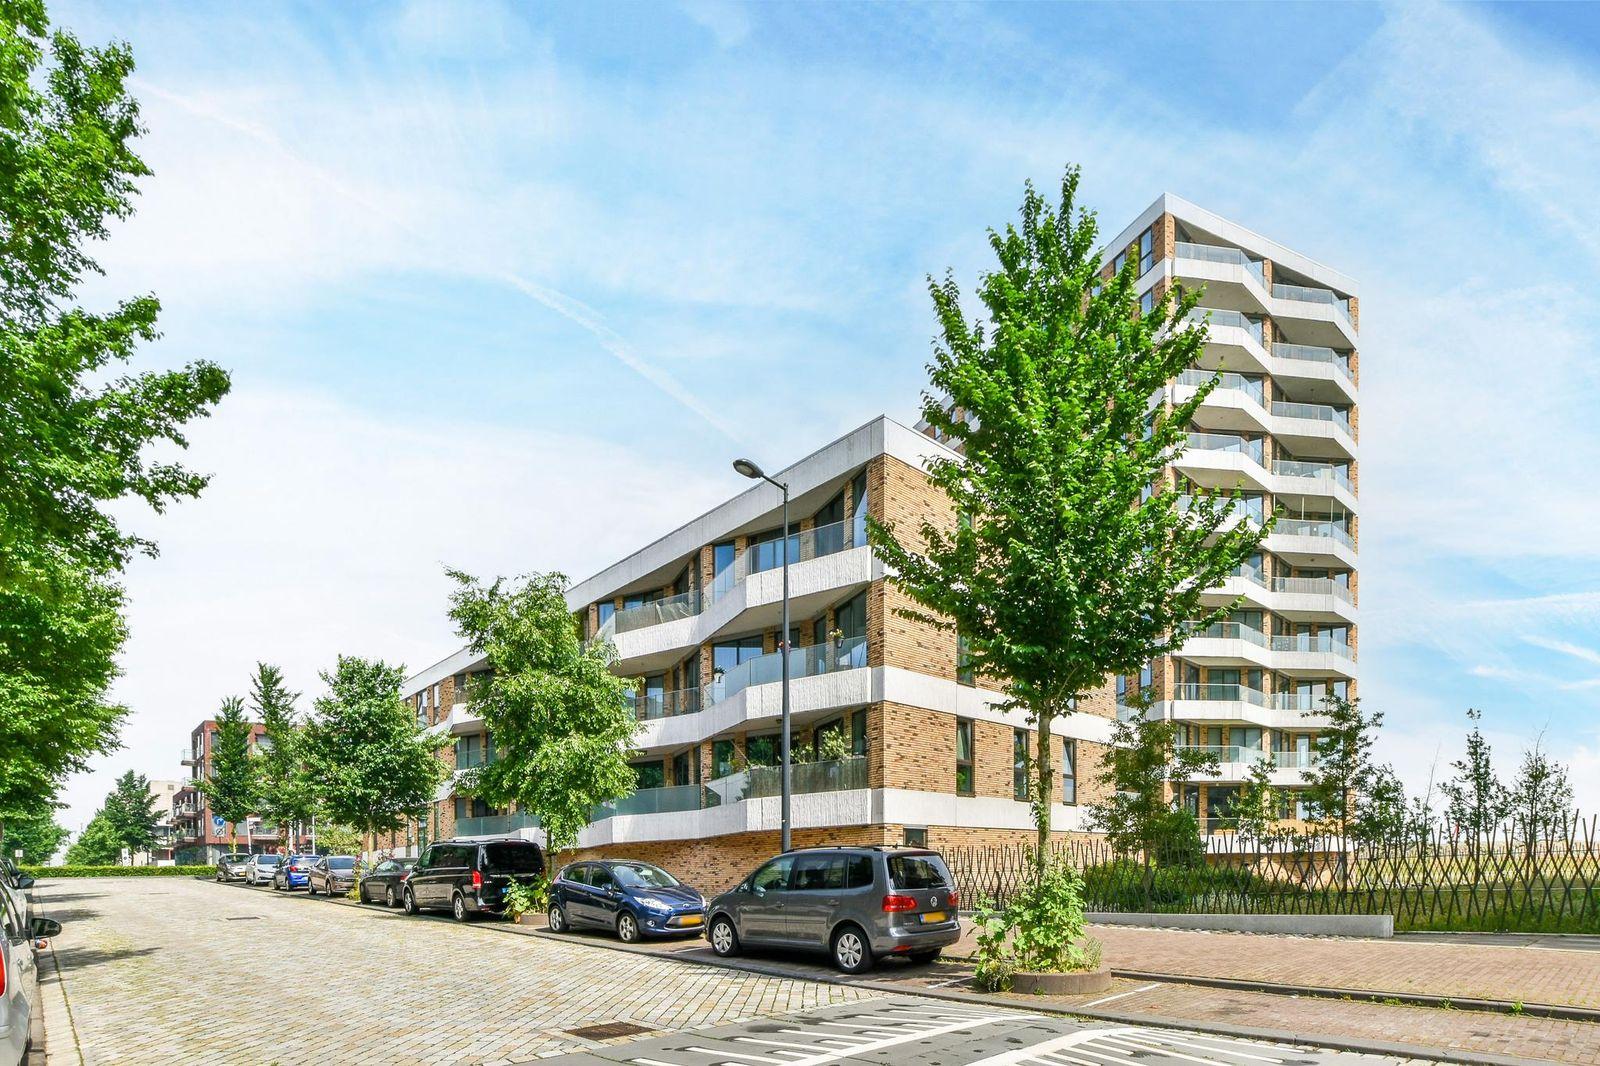 Marius Meijboomstraat 21, Amsterdam